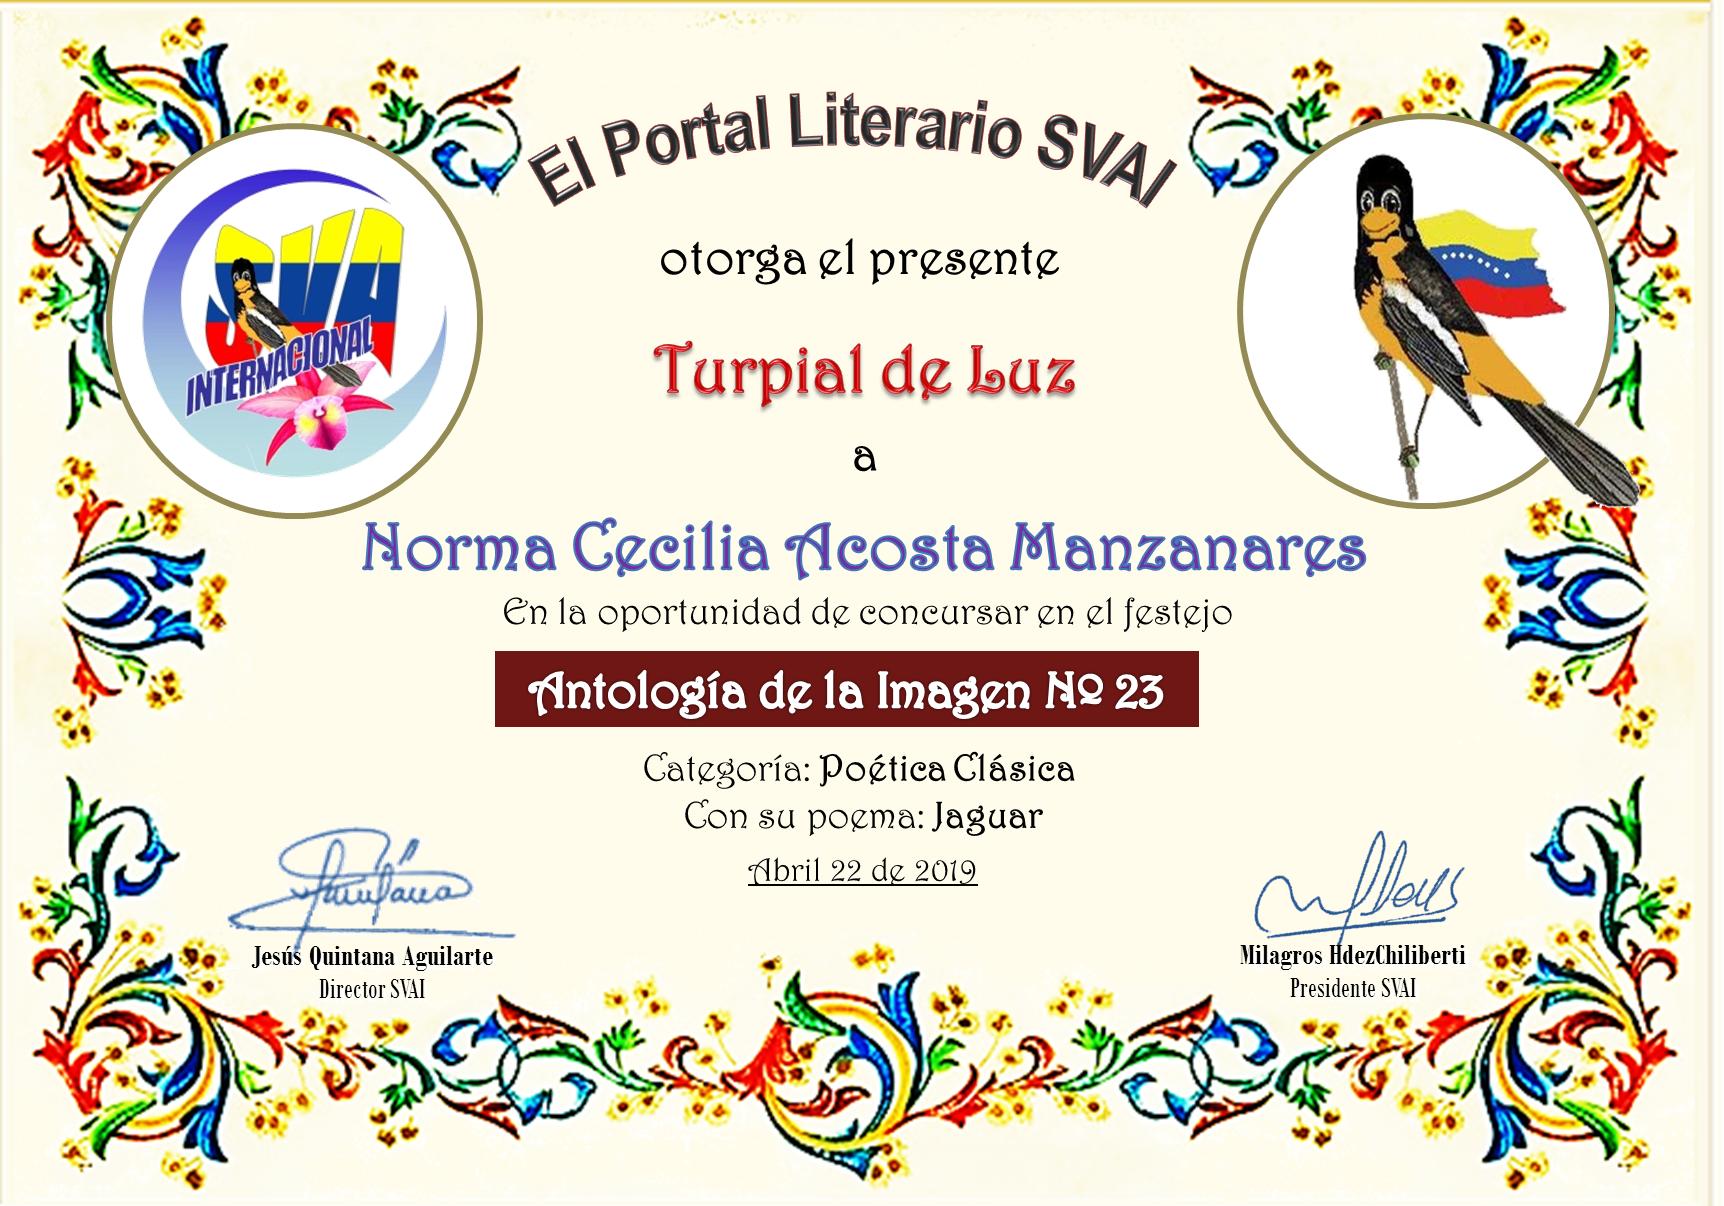 NORMA CECILIA ACOSTA MANZANARES